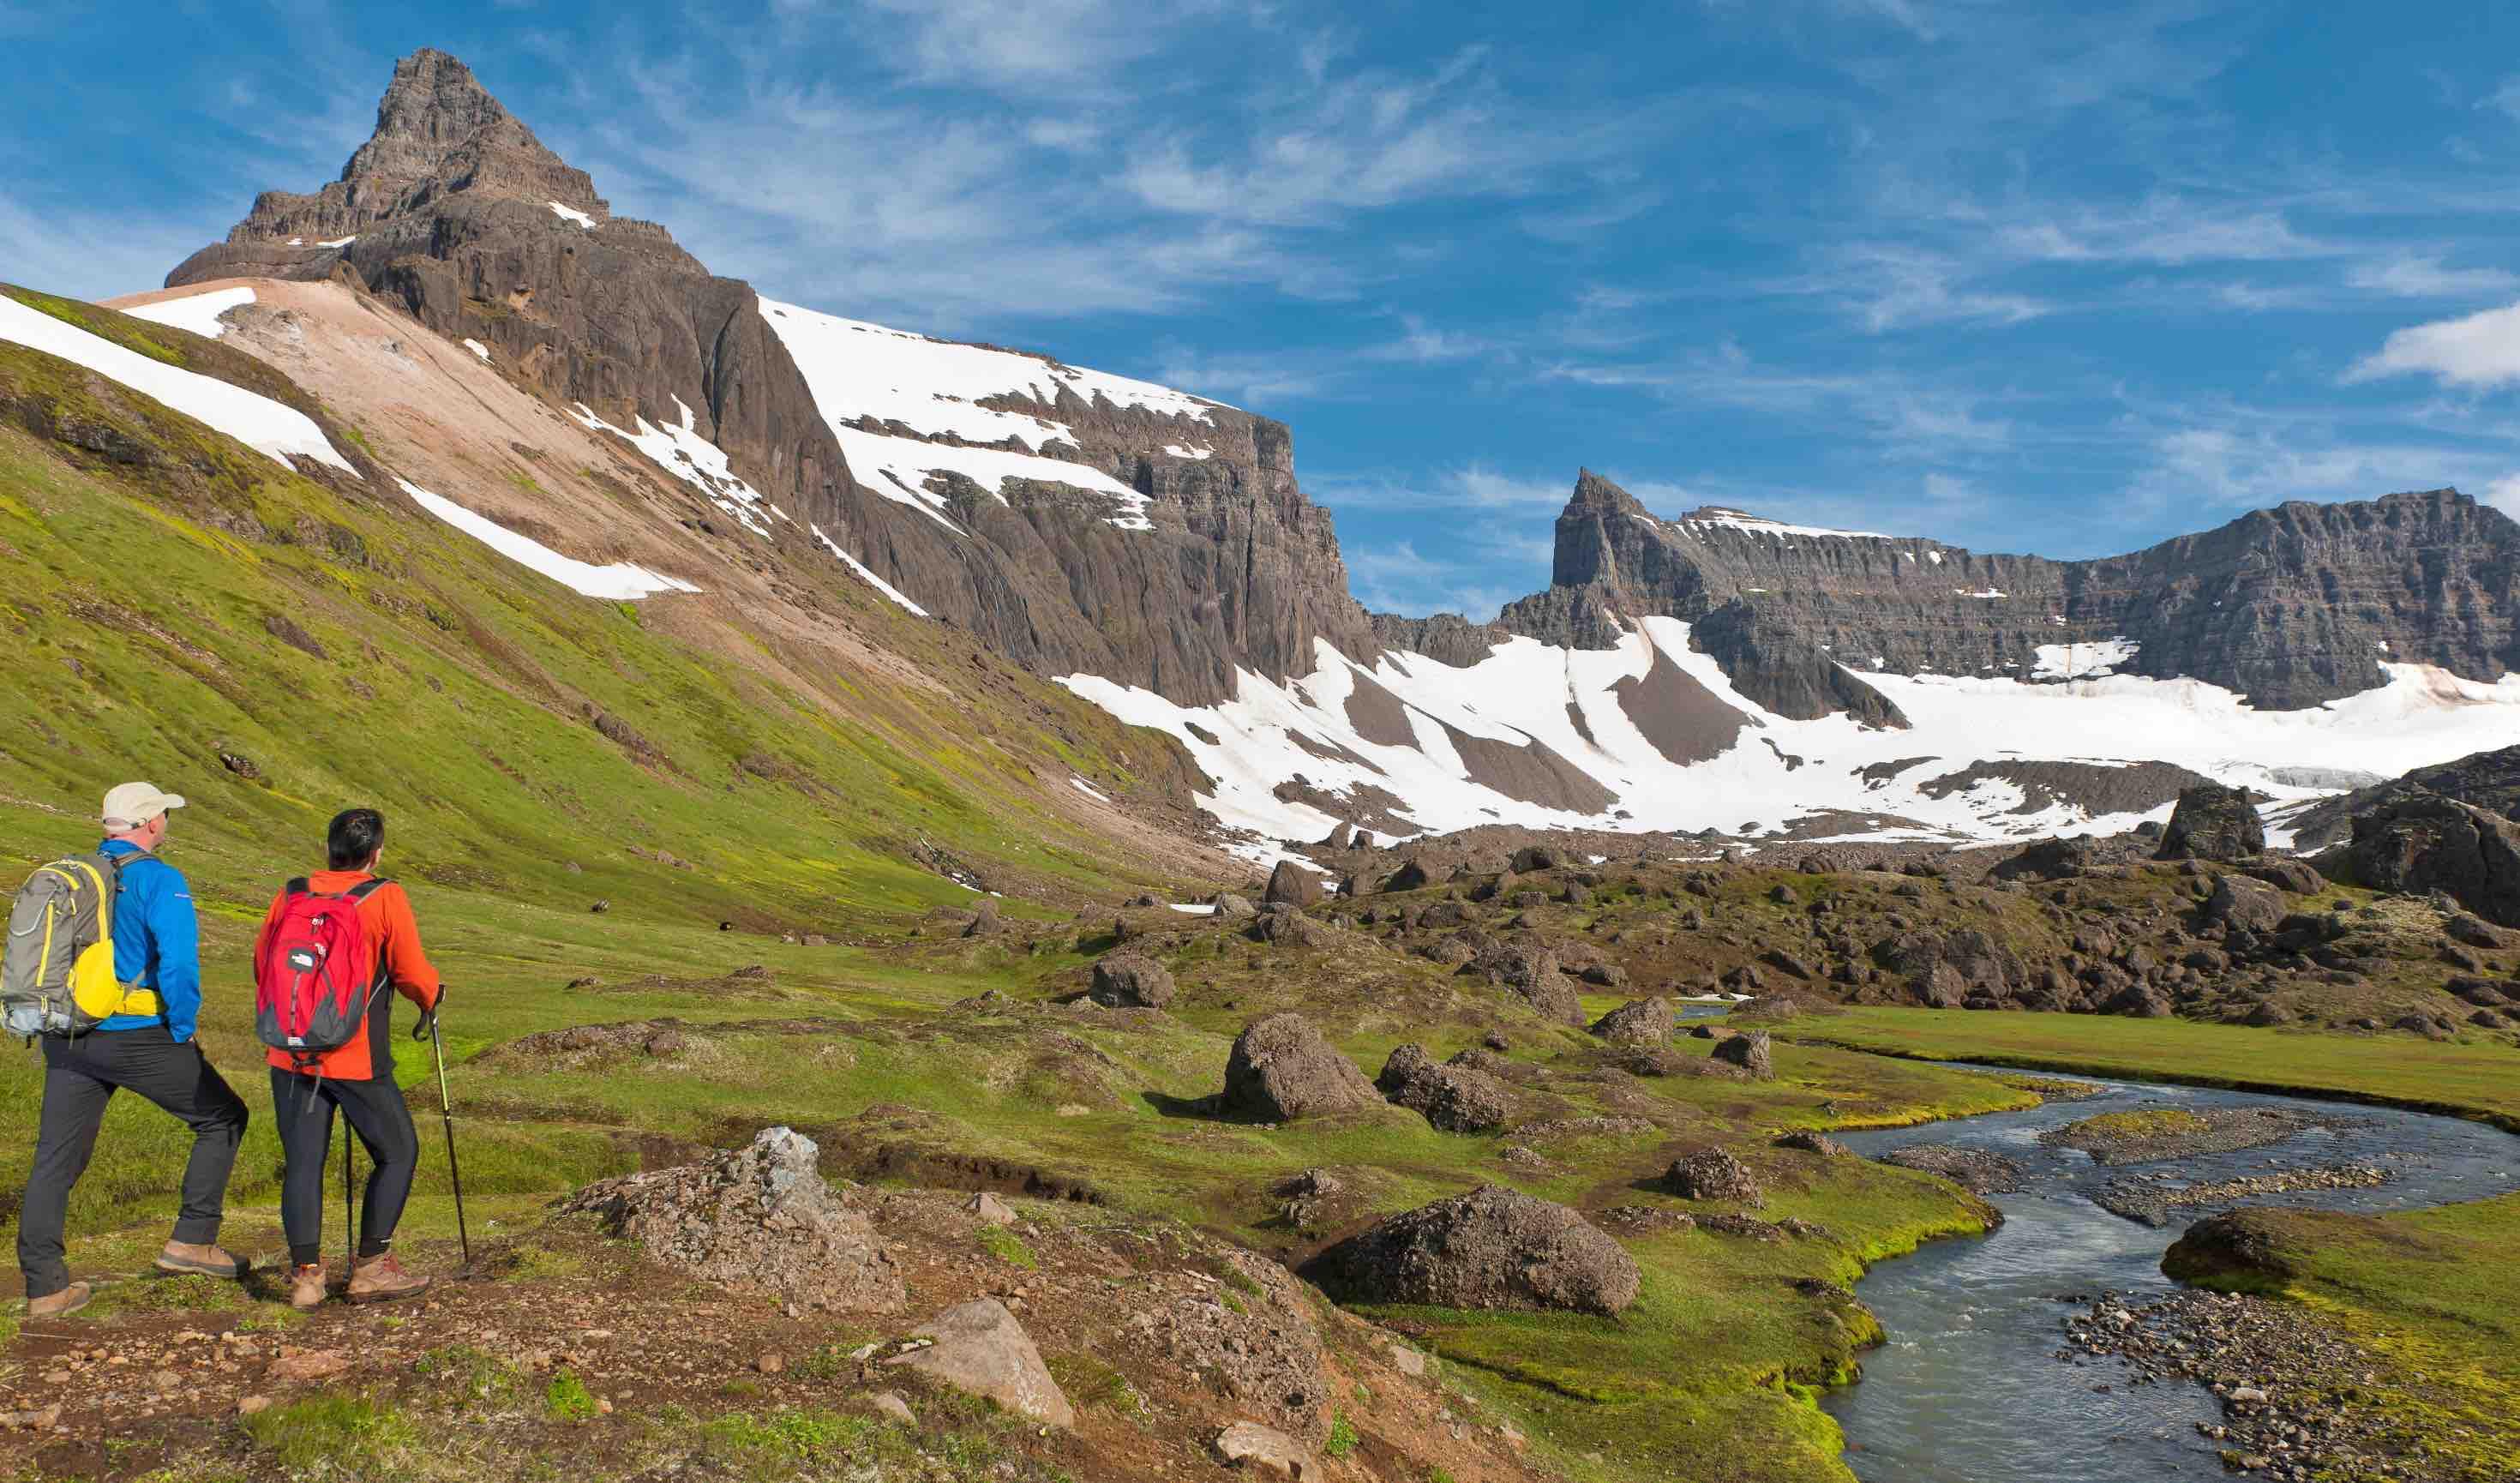 Trekking in the Dyrfjoll Mountains, Iceland. Photo by Thorsten Henn